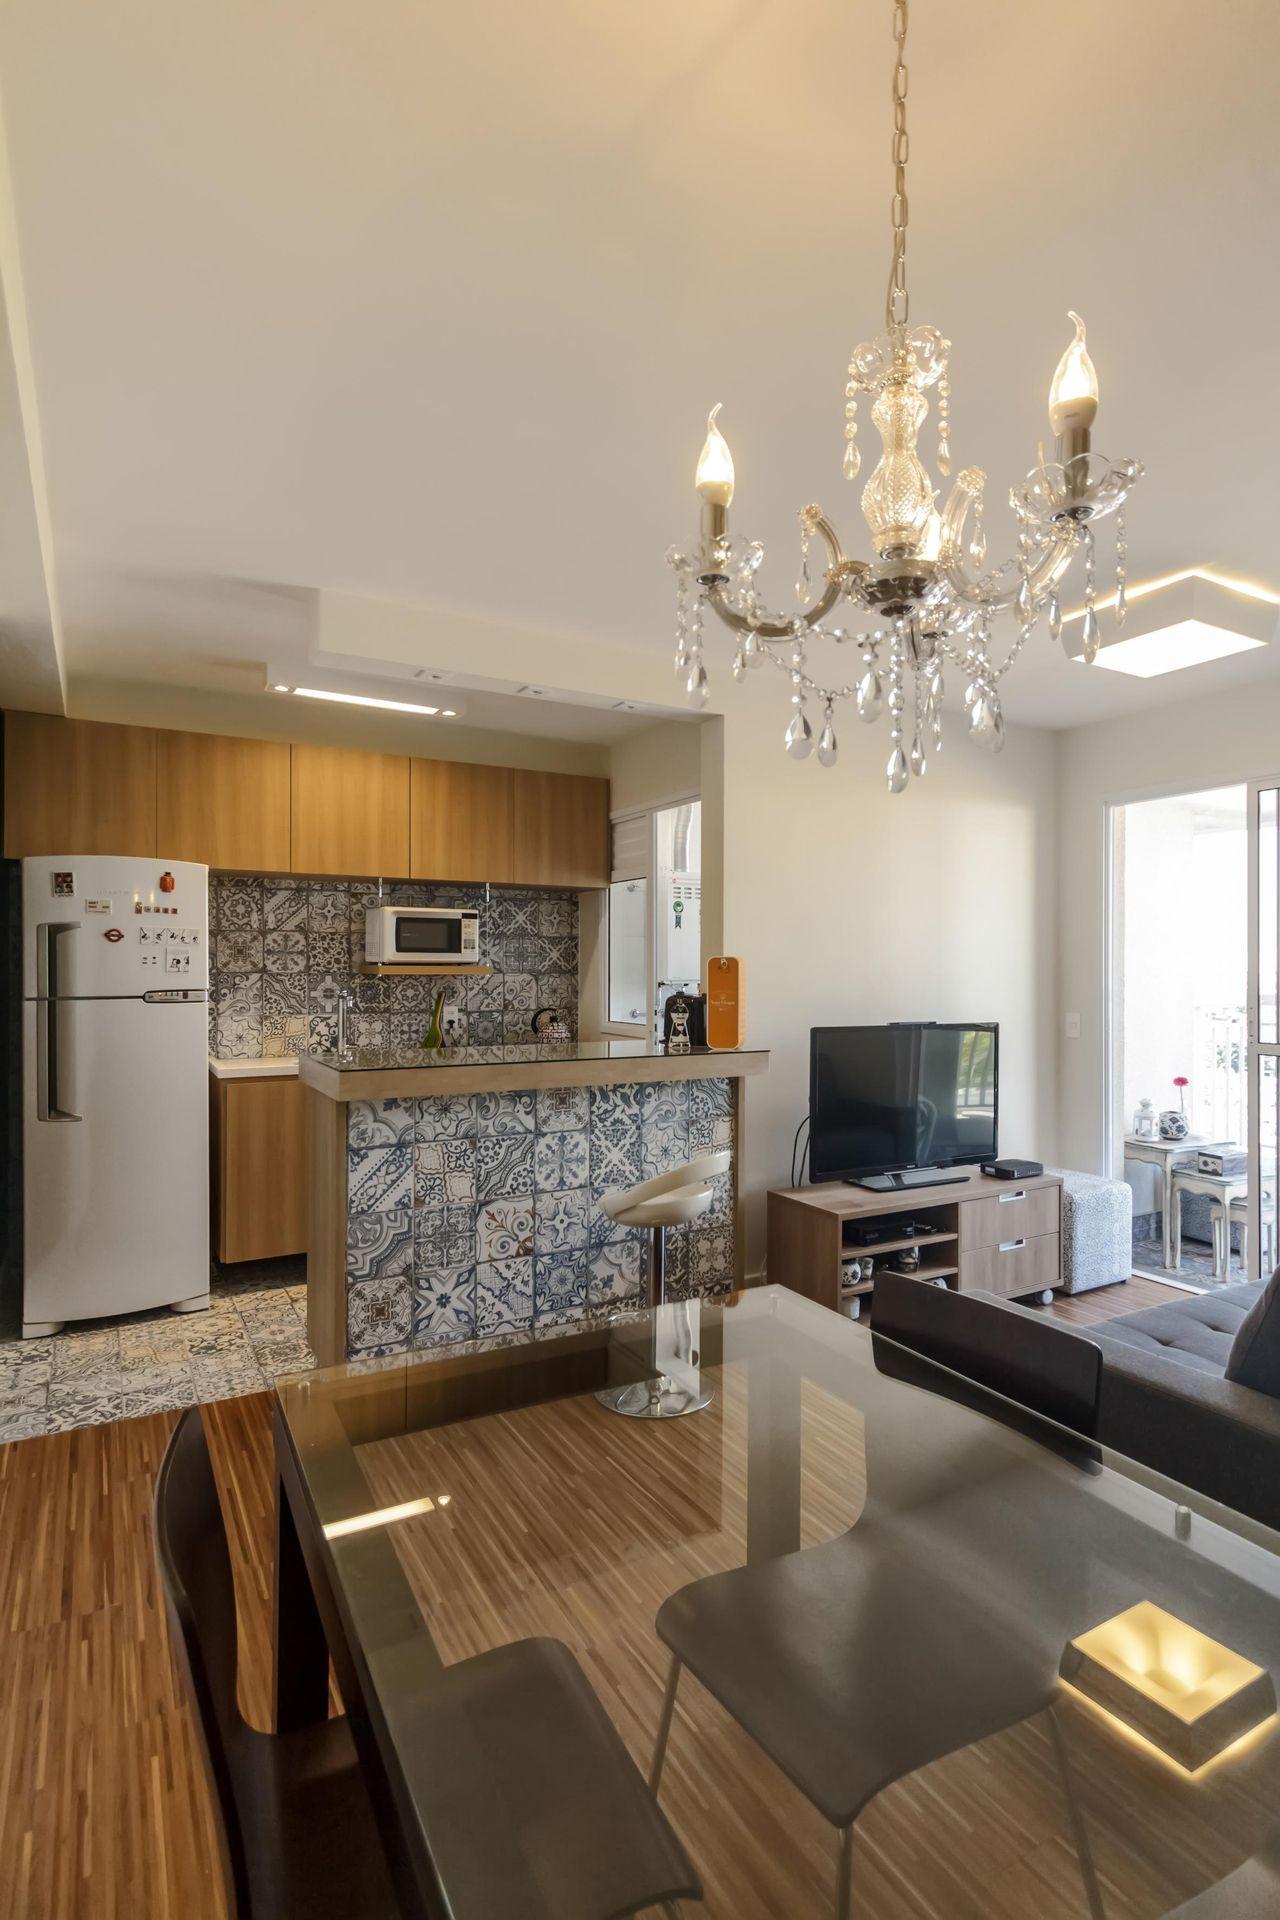 Cozinha Americana Com Geladeira Branca De Fernanda Duarte 64747 No